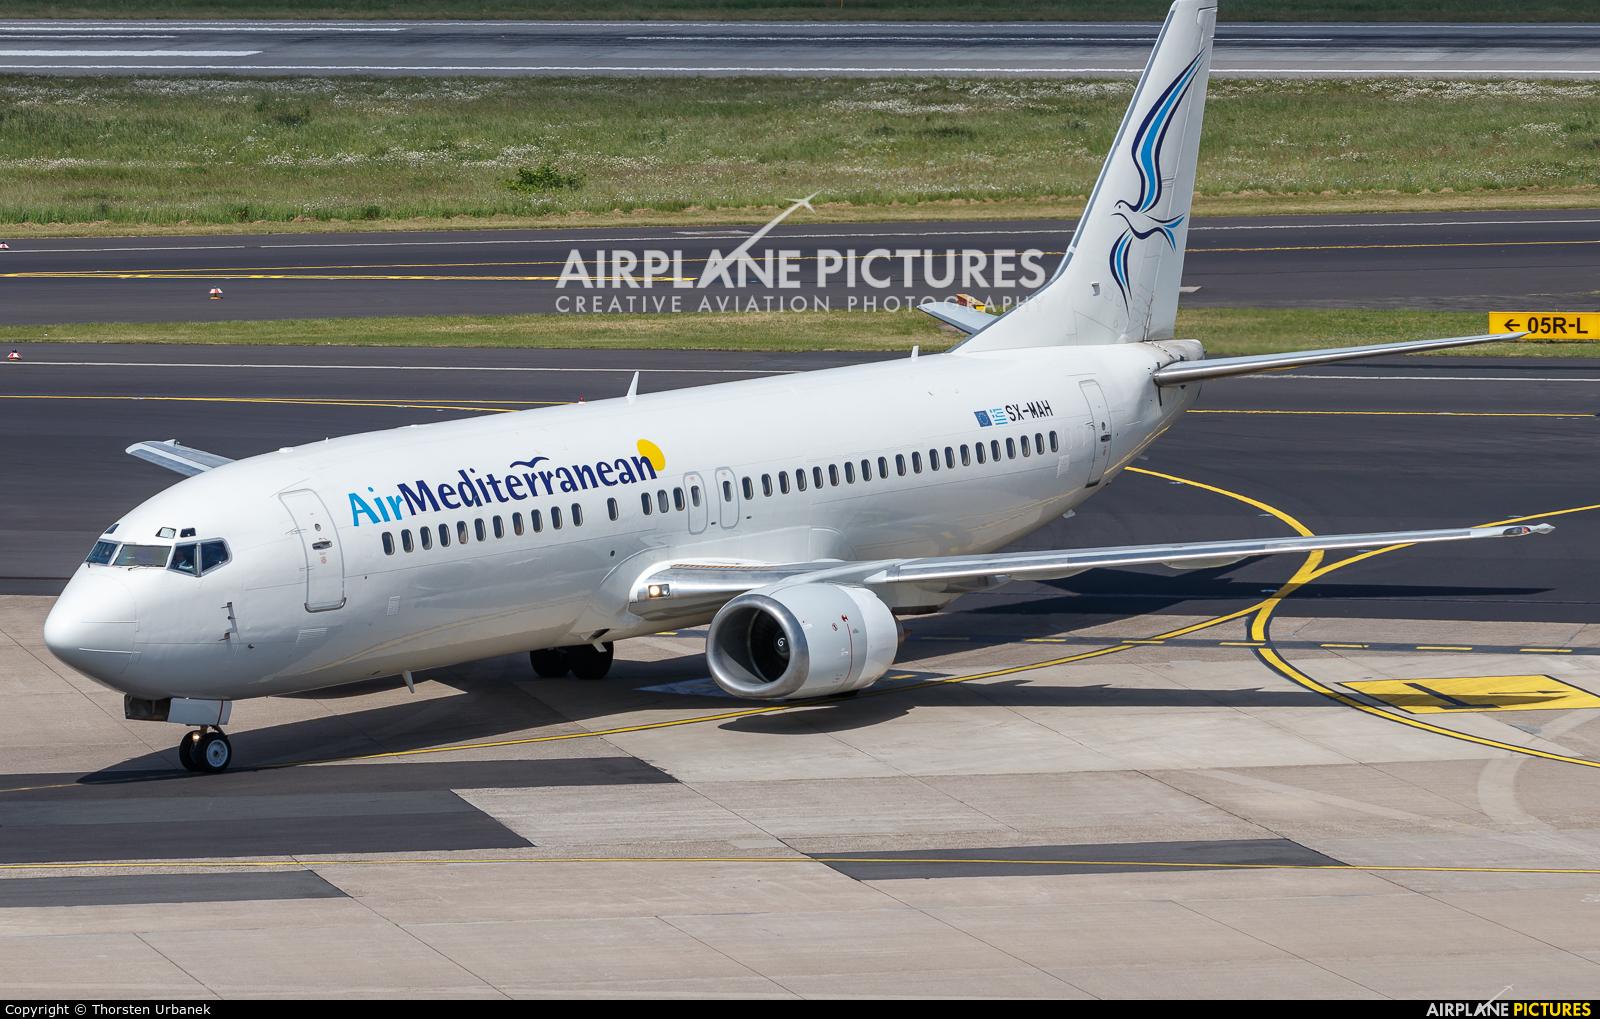 Air Mediterranean SX-MAH aircraft at Düsseldorf